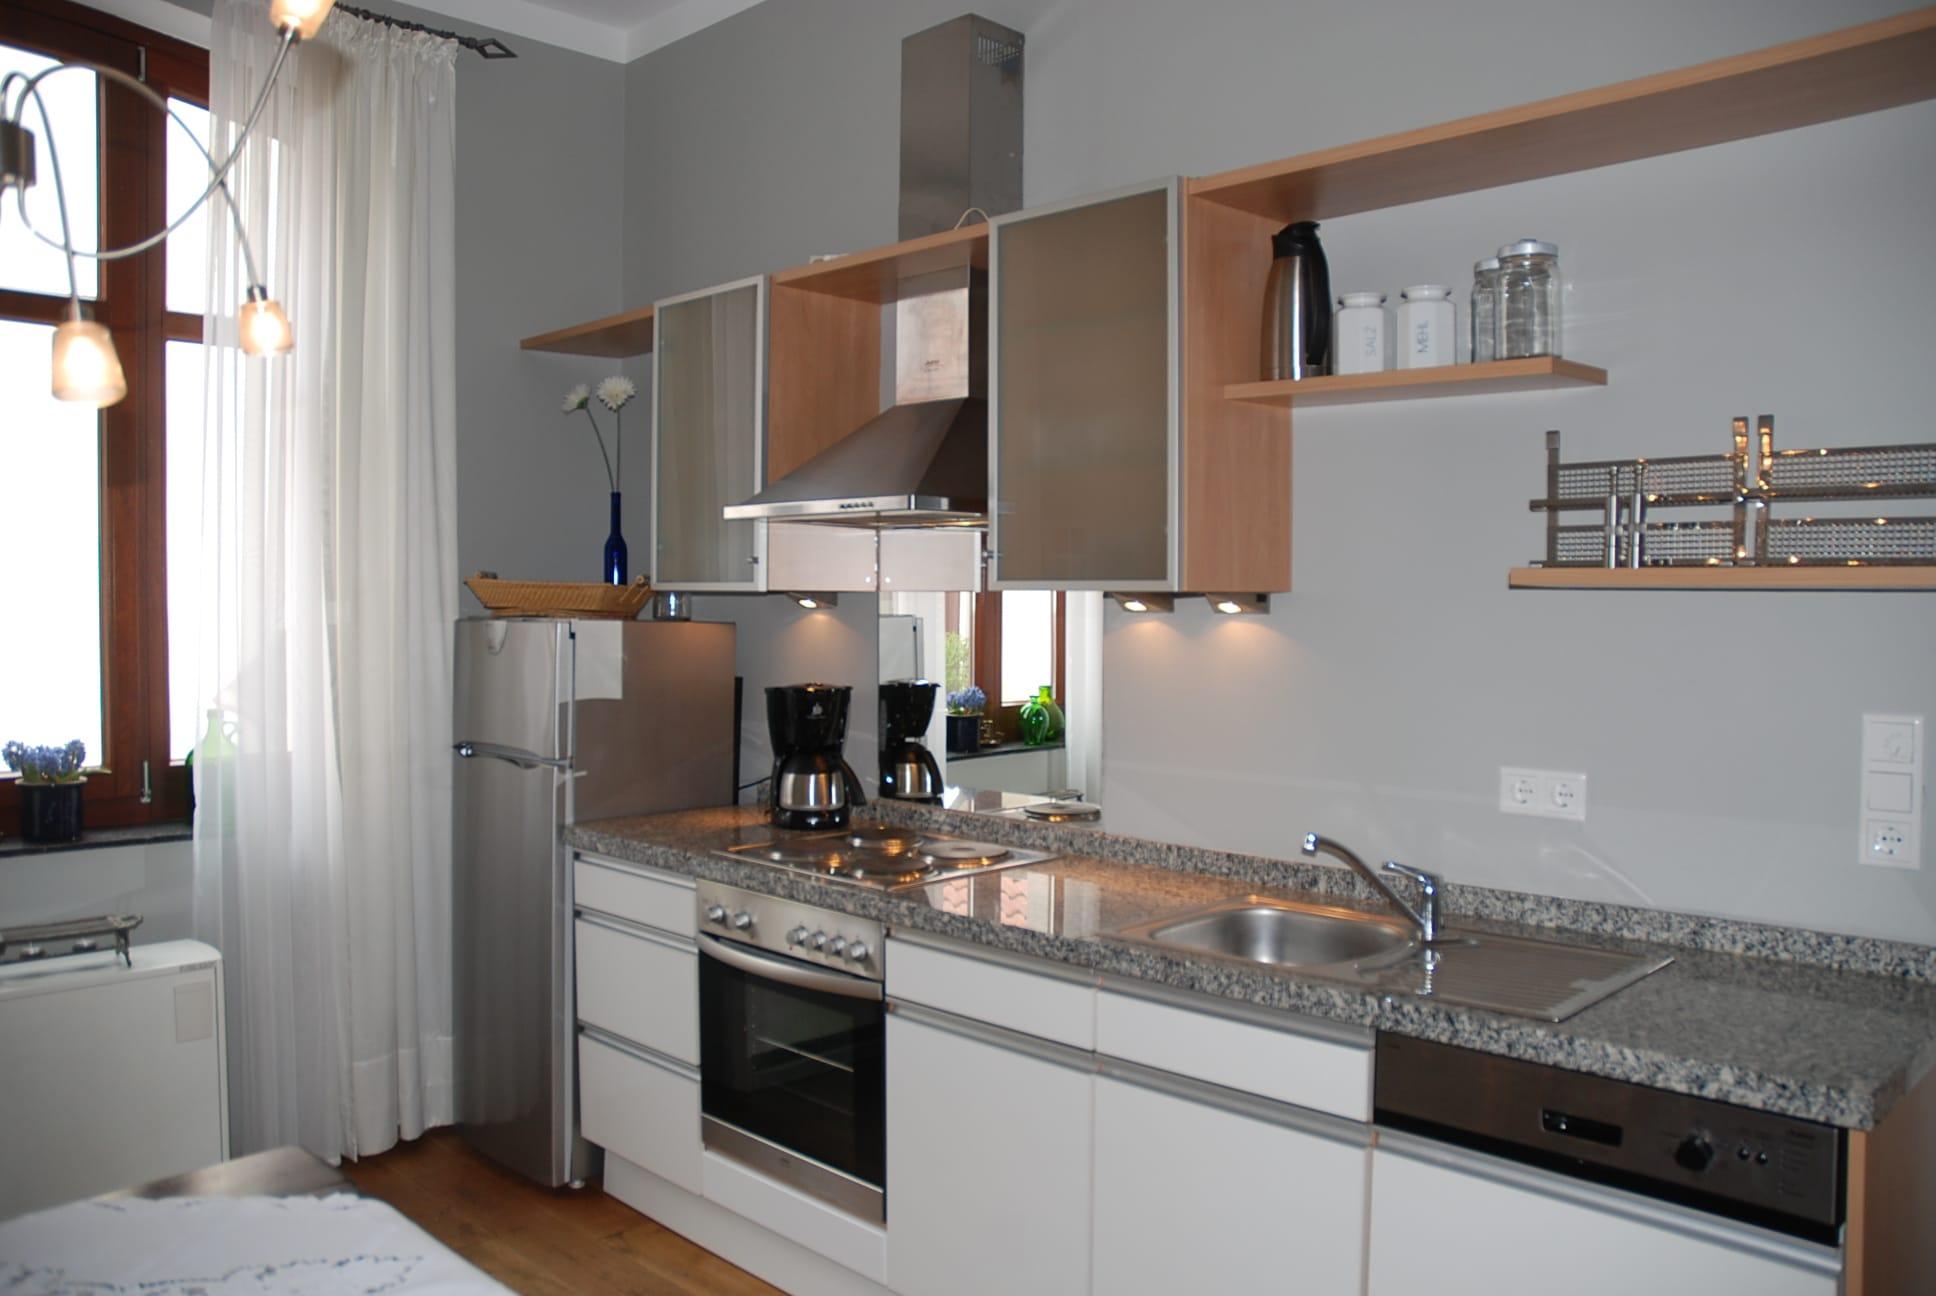 weitzel-boardinghouse-appart-muehlenstrasse-eg-06